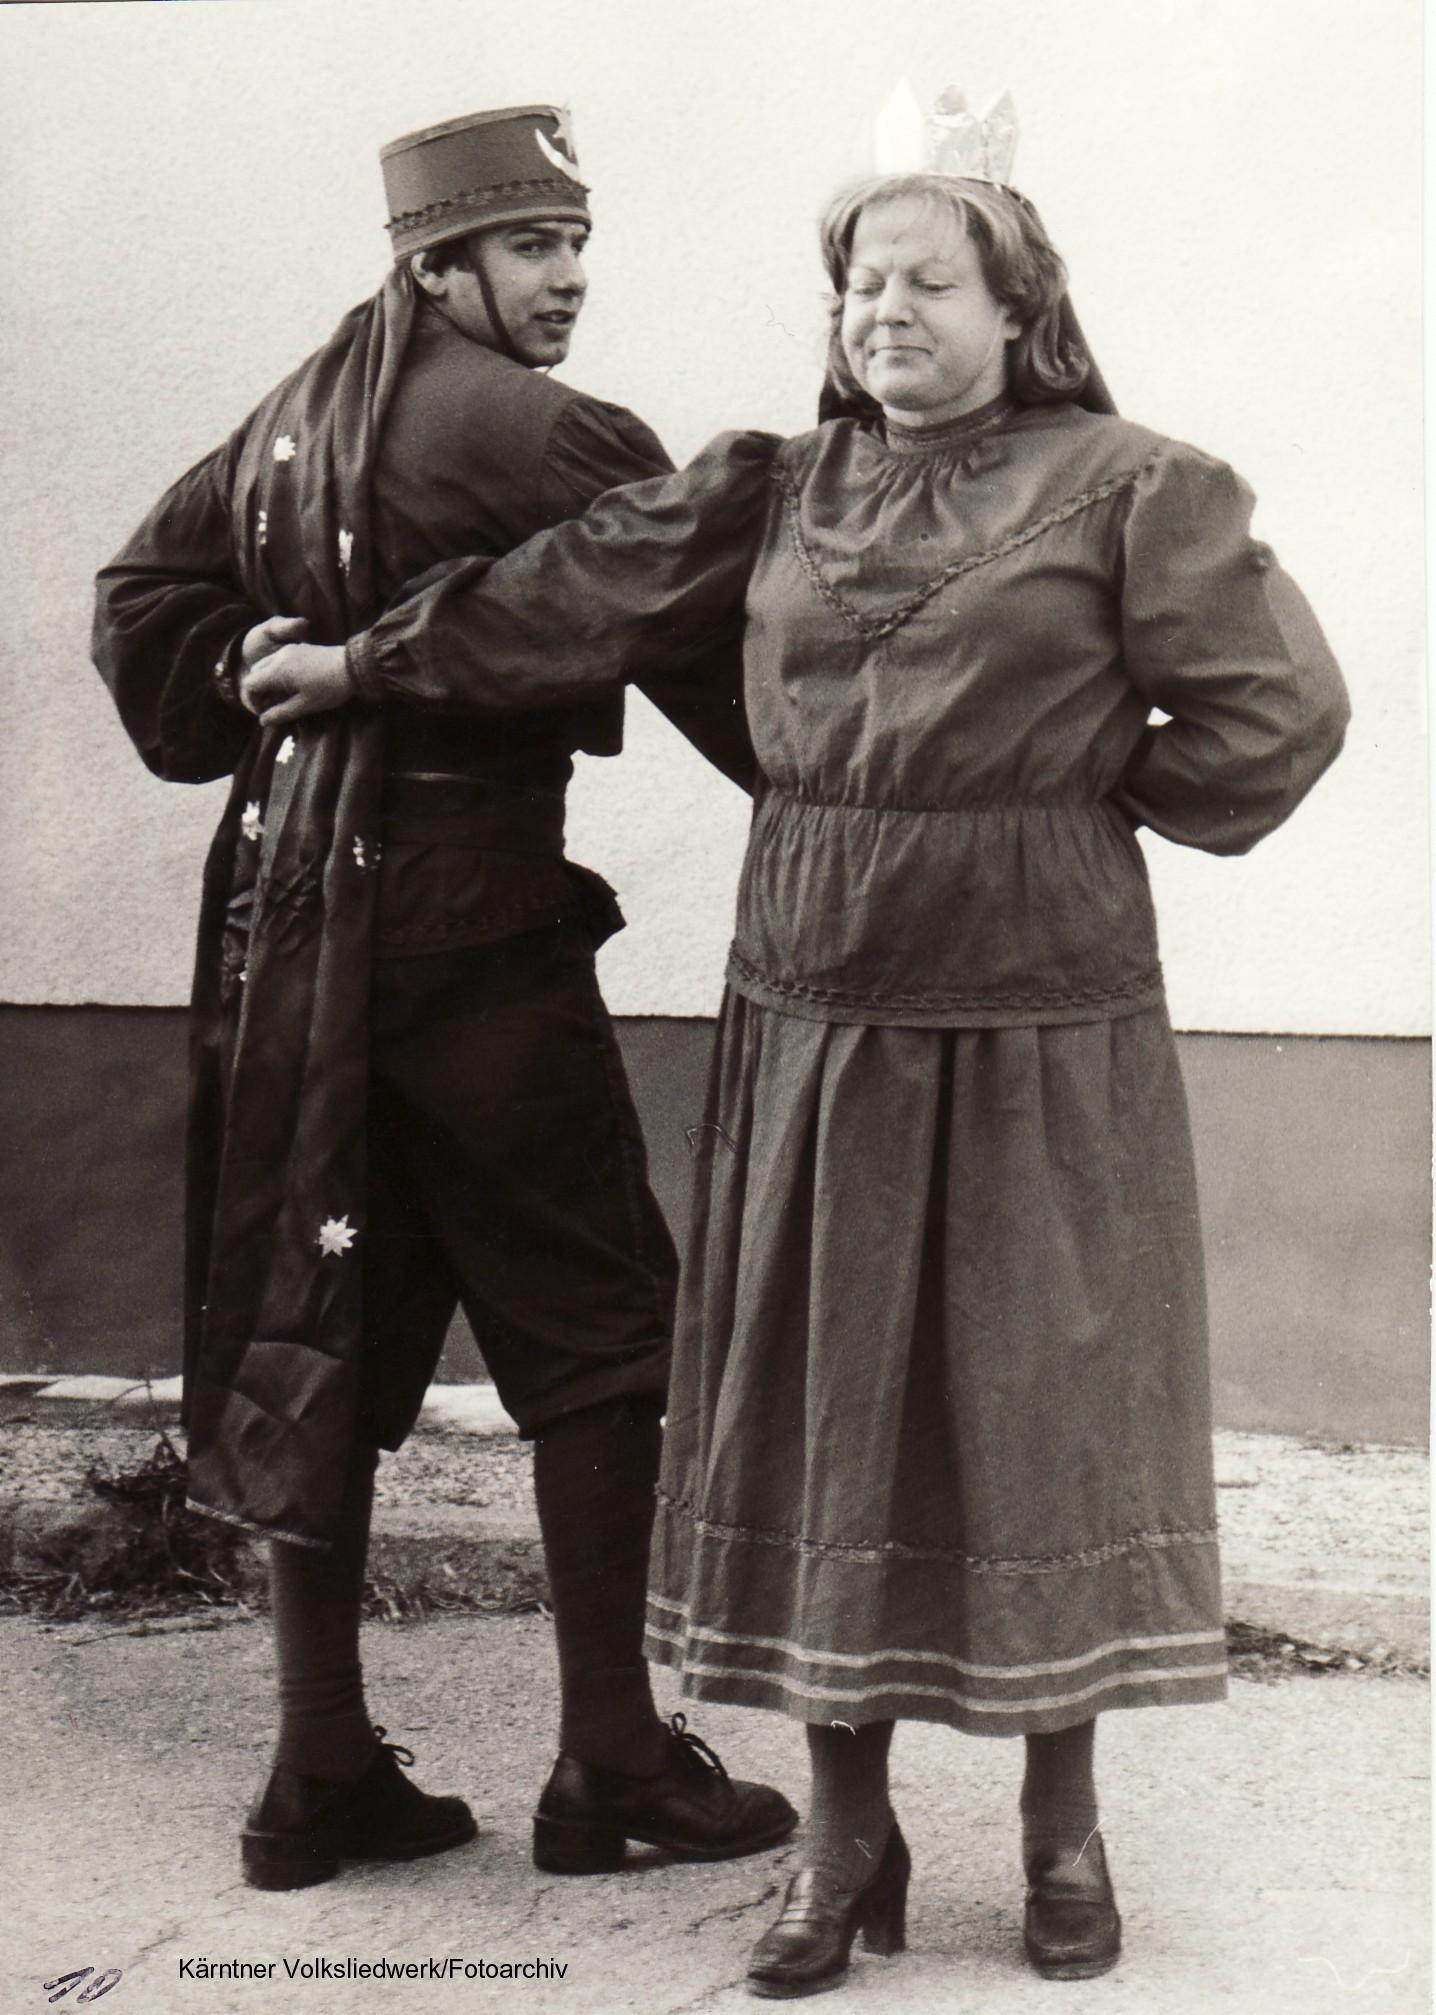 Türkenpaar